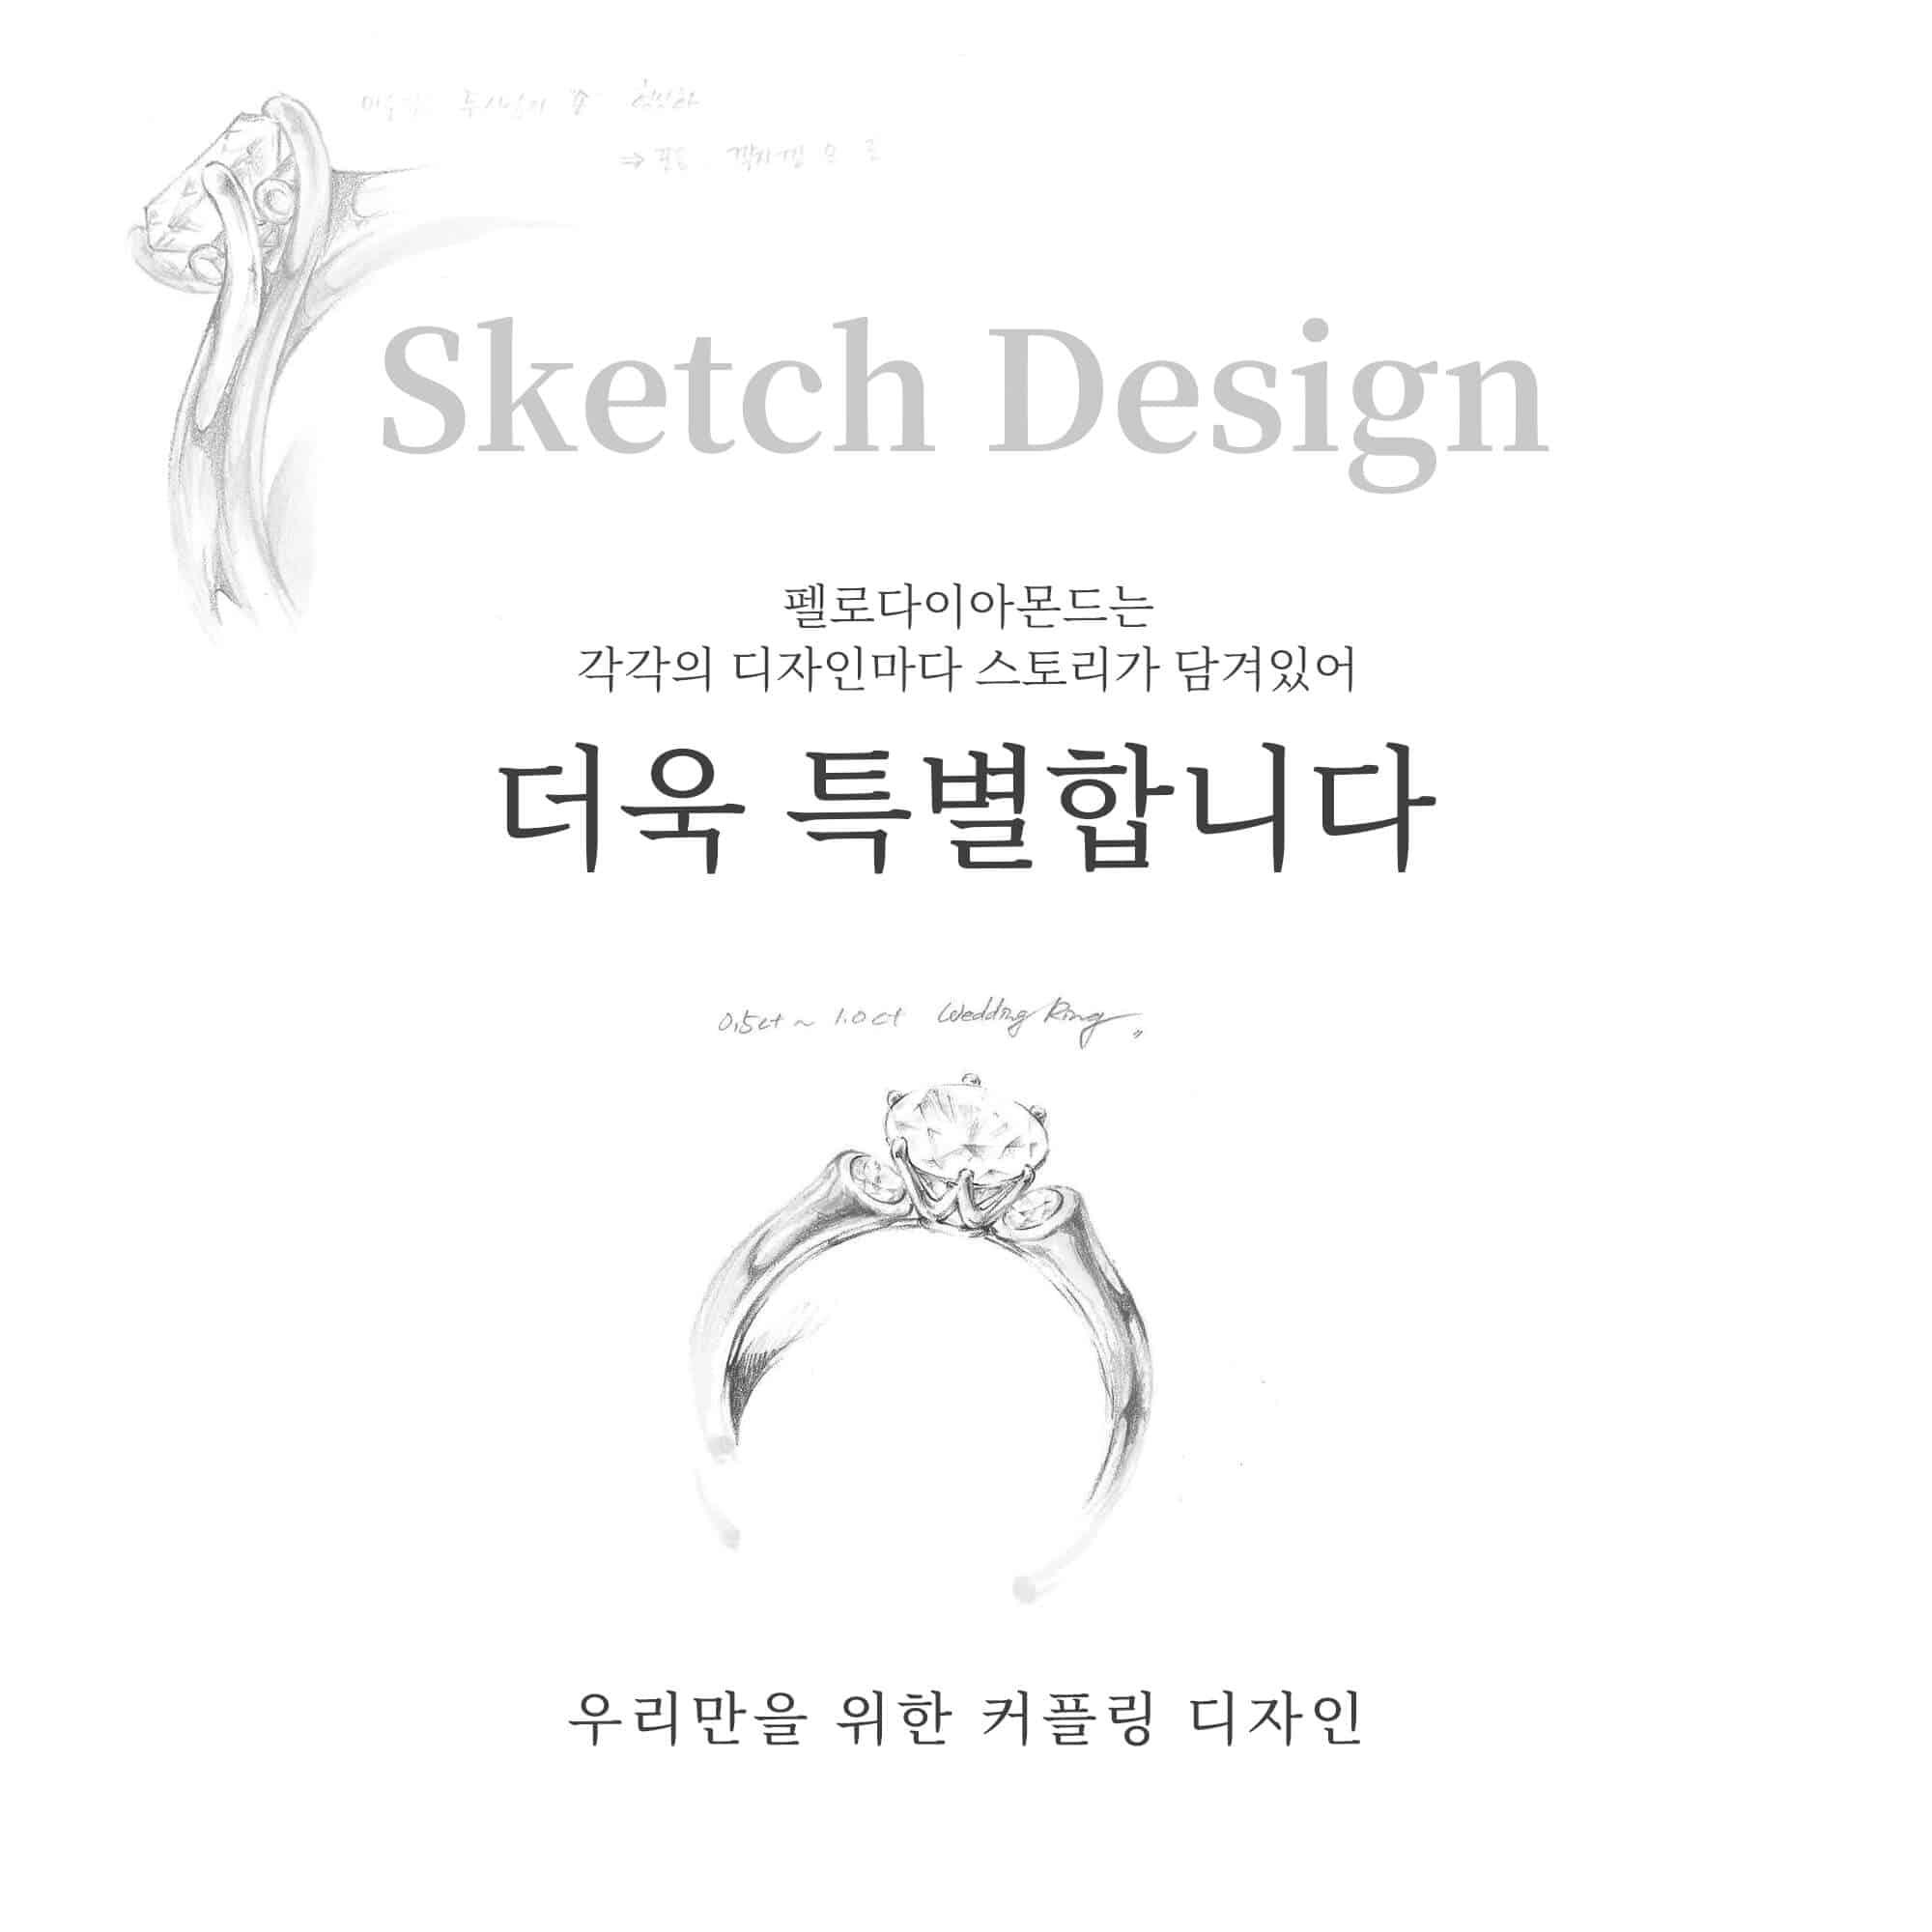 우리만을 위한 스케치 디자인